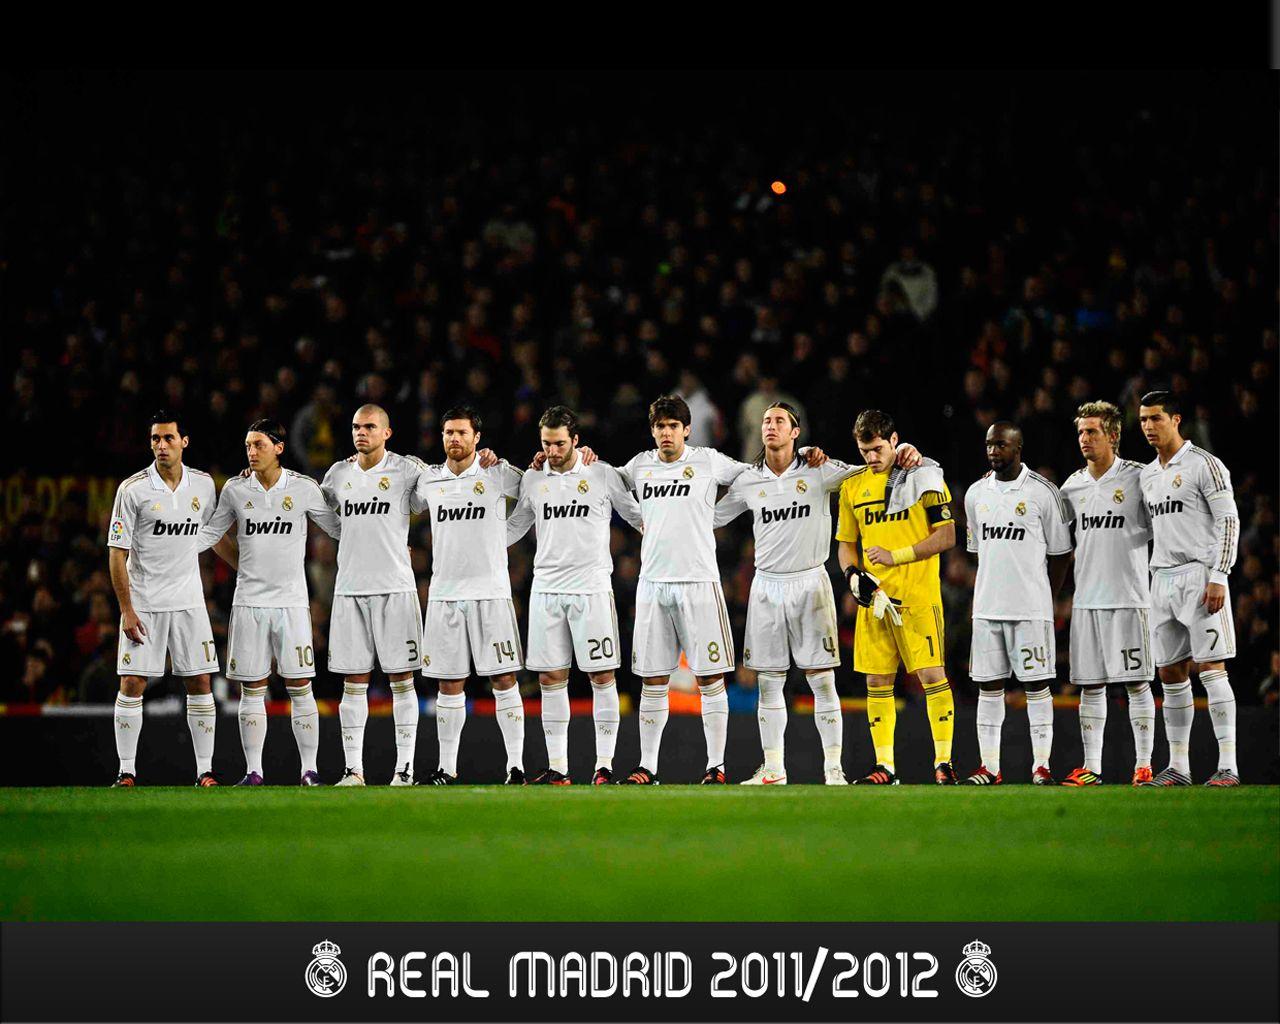 Real Madrid 2011 2012 Real Madrid Team Madrid Wallpaper Real Madrid